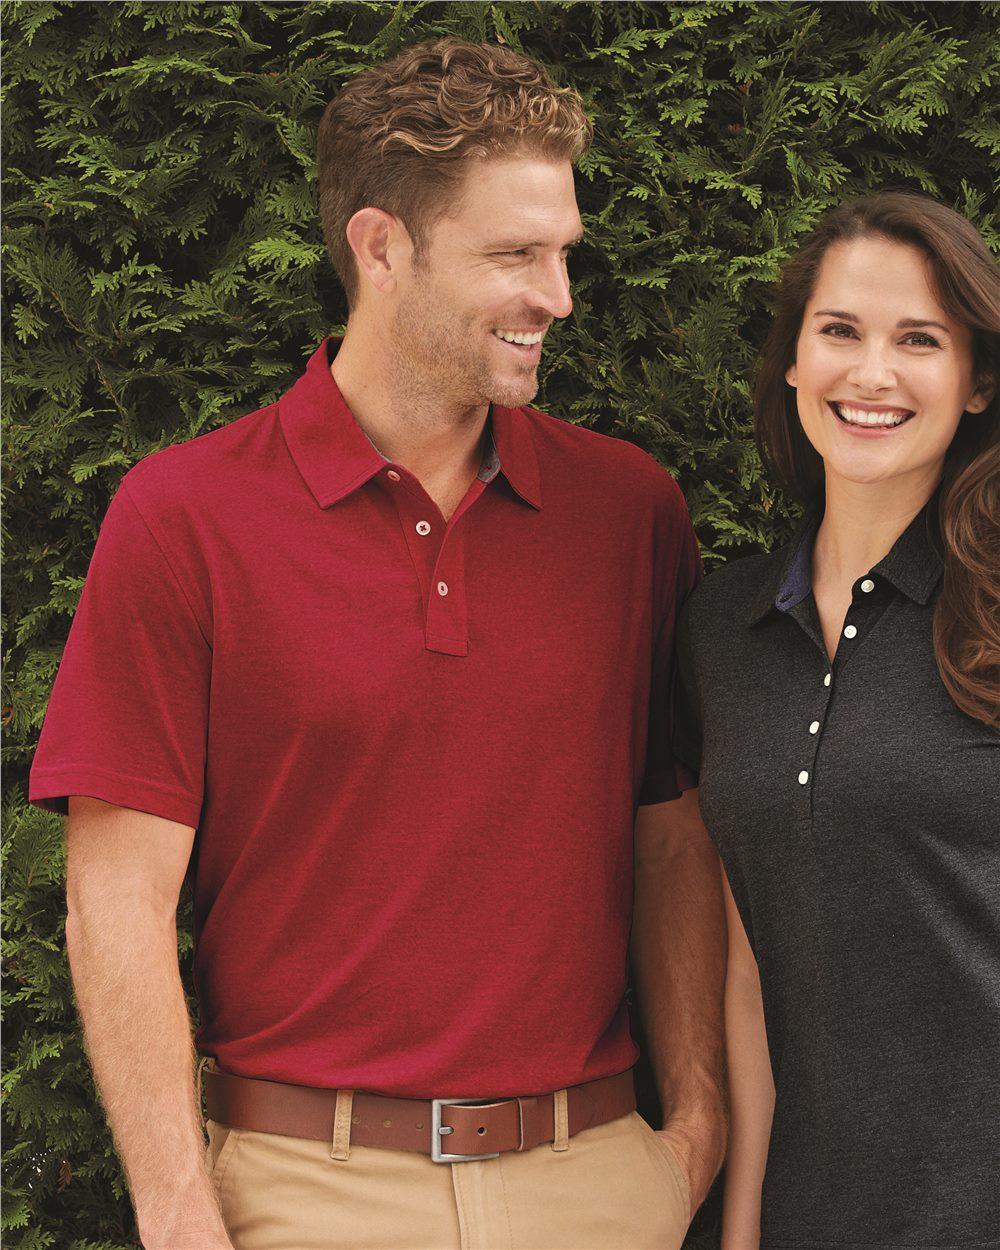 IZOD 13Z0133 - Heather Jersey Sport Shirt